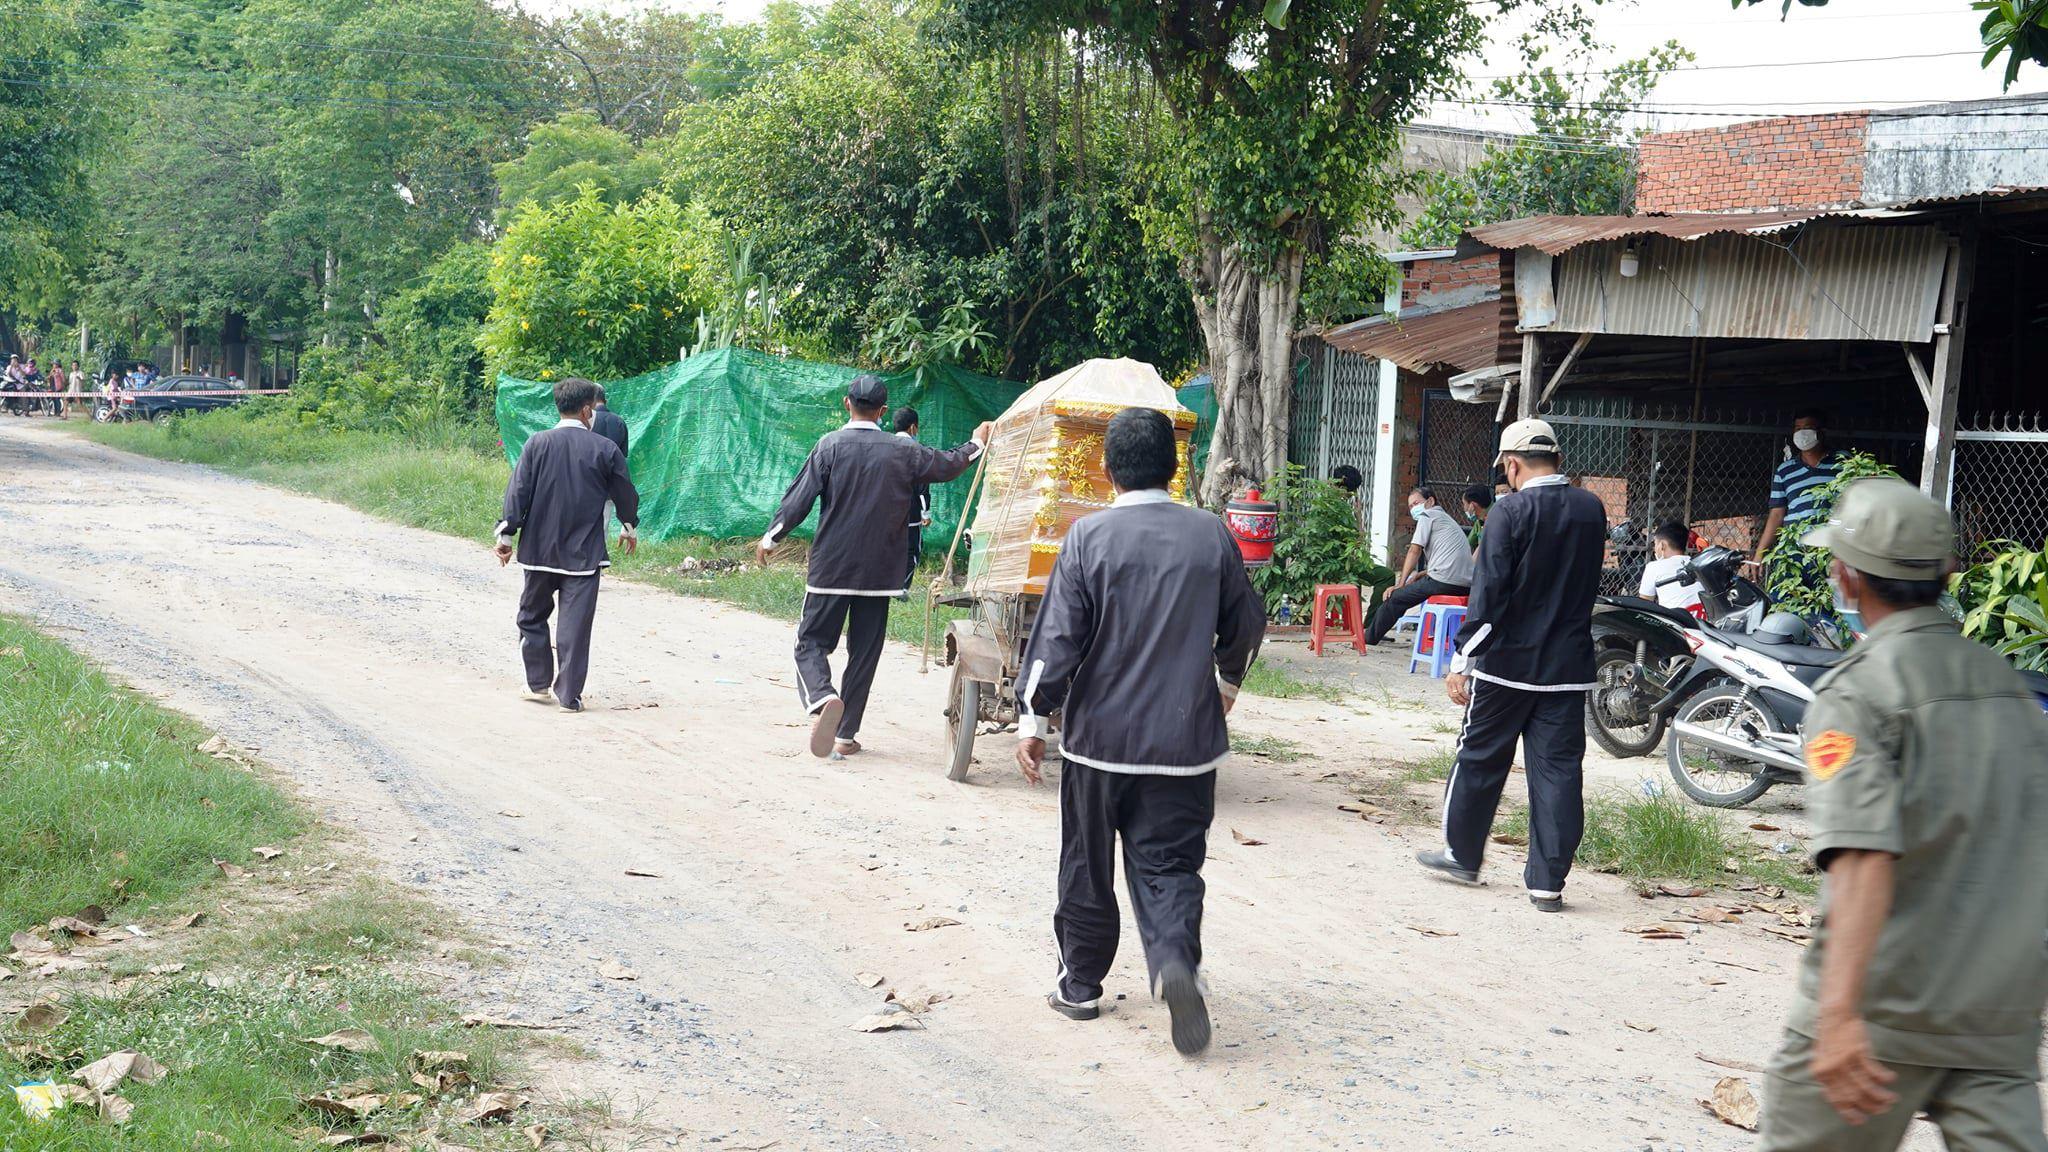 Tây Ninh: Rúng động nghi án con ruột giết cha, dùng dao phân xác đem chôn nhiều nơi trong nhà